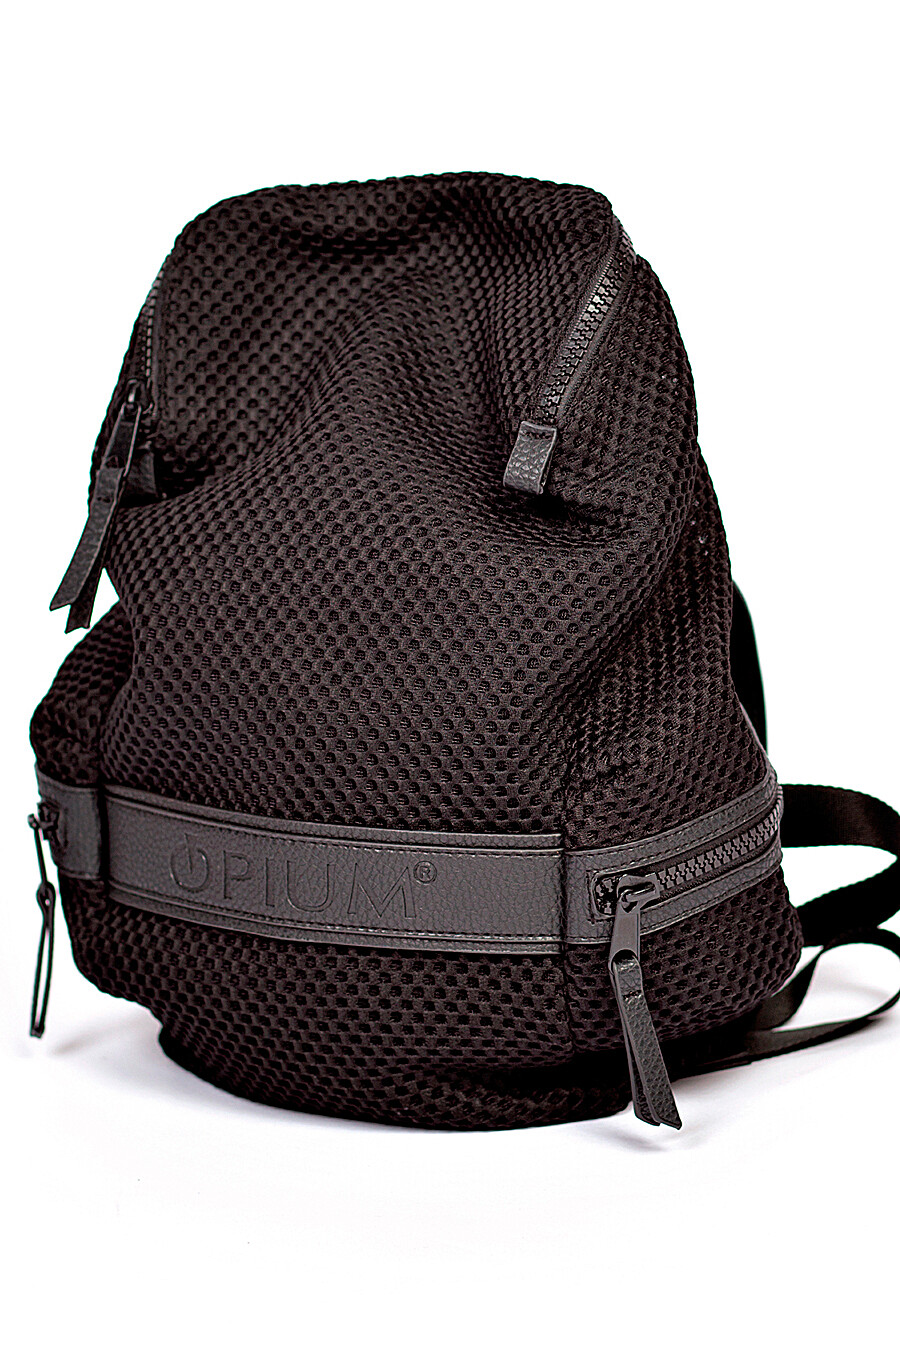 Рюкзак для женщин OPIUM 649158 купить оптом от производителя. Совместная покупка женской одежды в OptMoyo